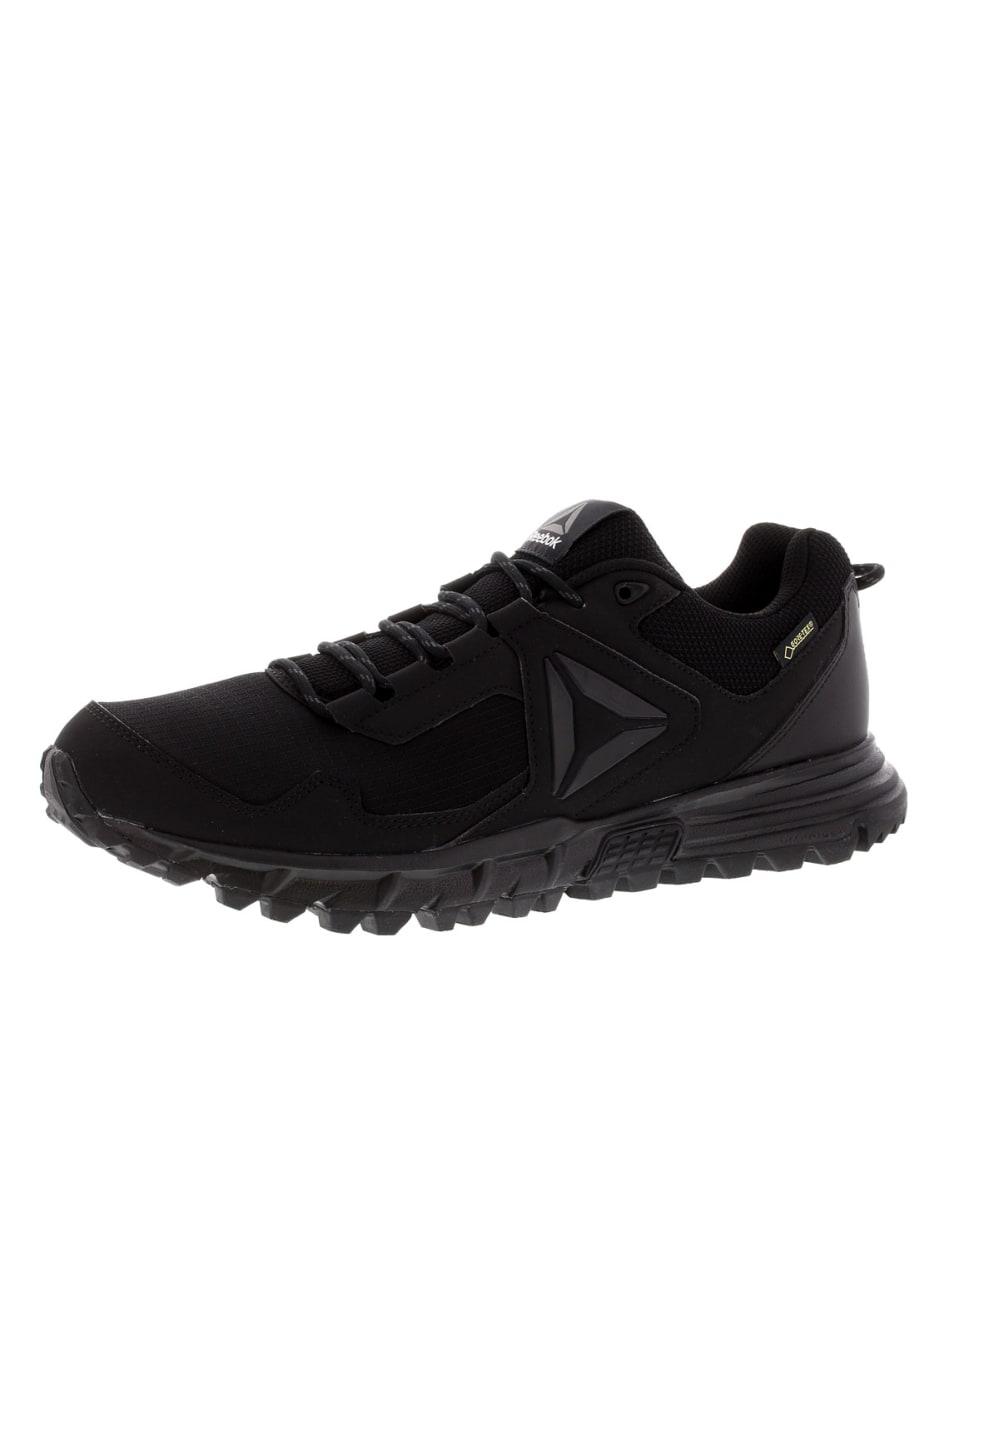 Chaussures homme Randonnée Reebok Sawcut 5.0 Gtx